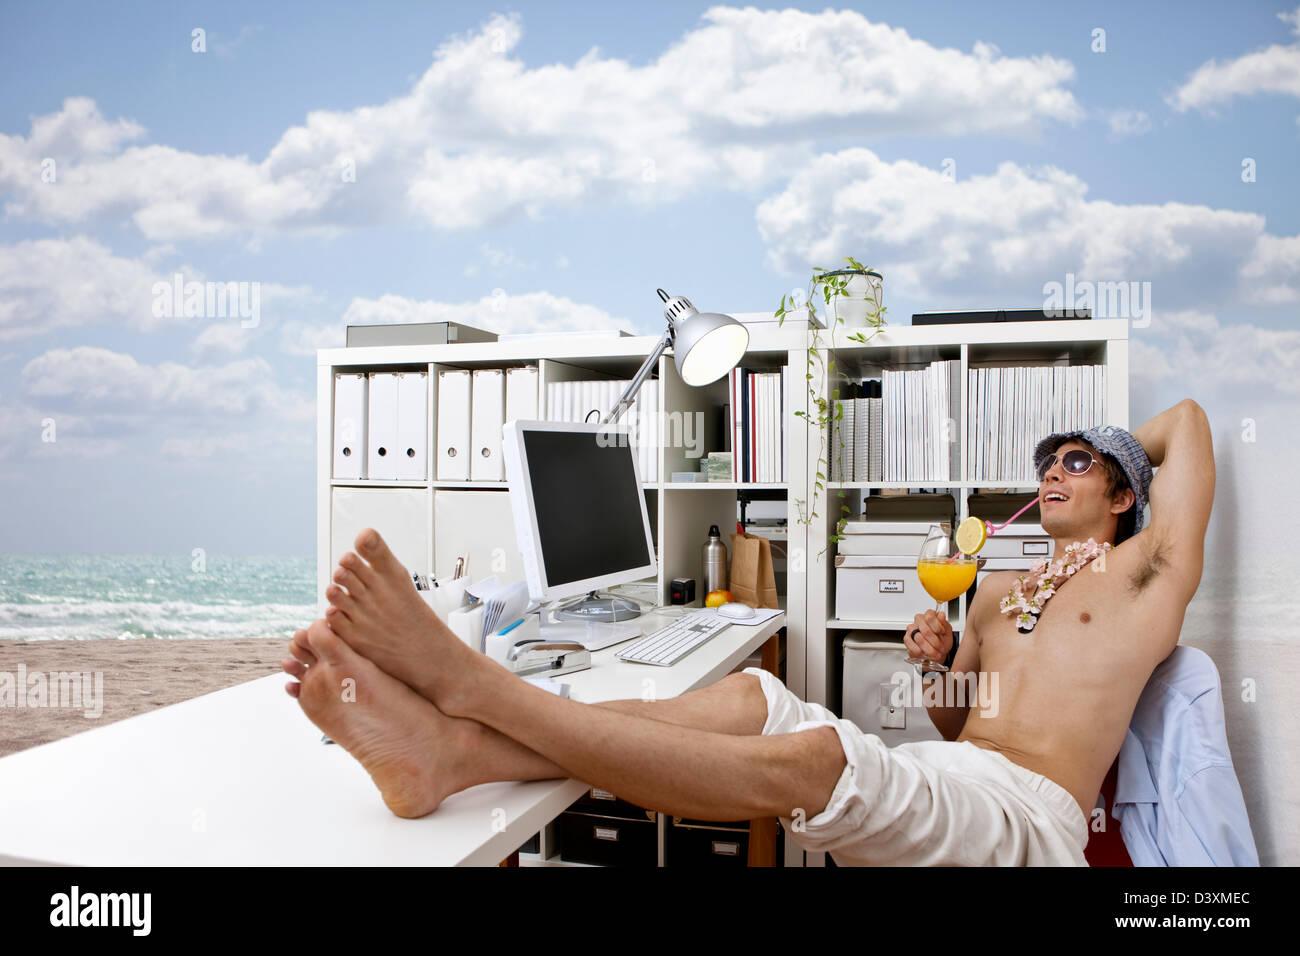 junger Mann bei Arbeit Tagträumen über Strand, Cocktails, leichtes Leben Stockbild